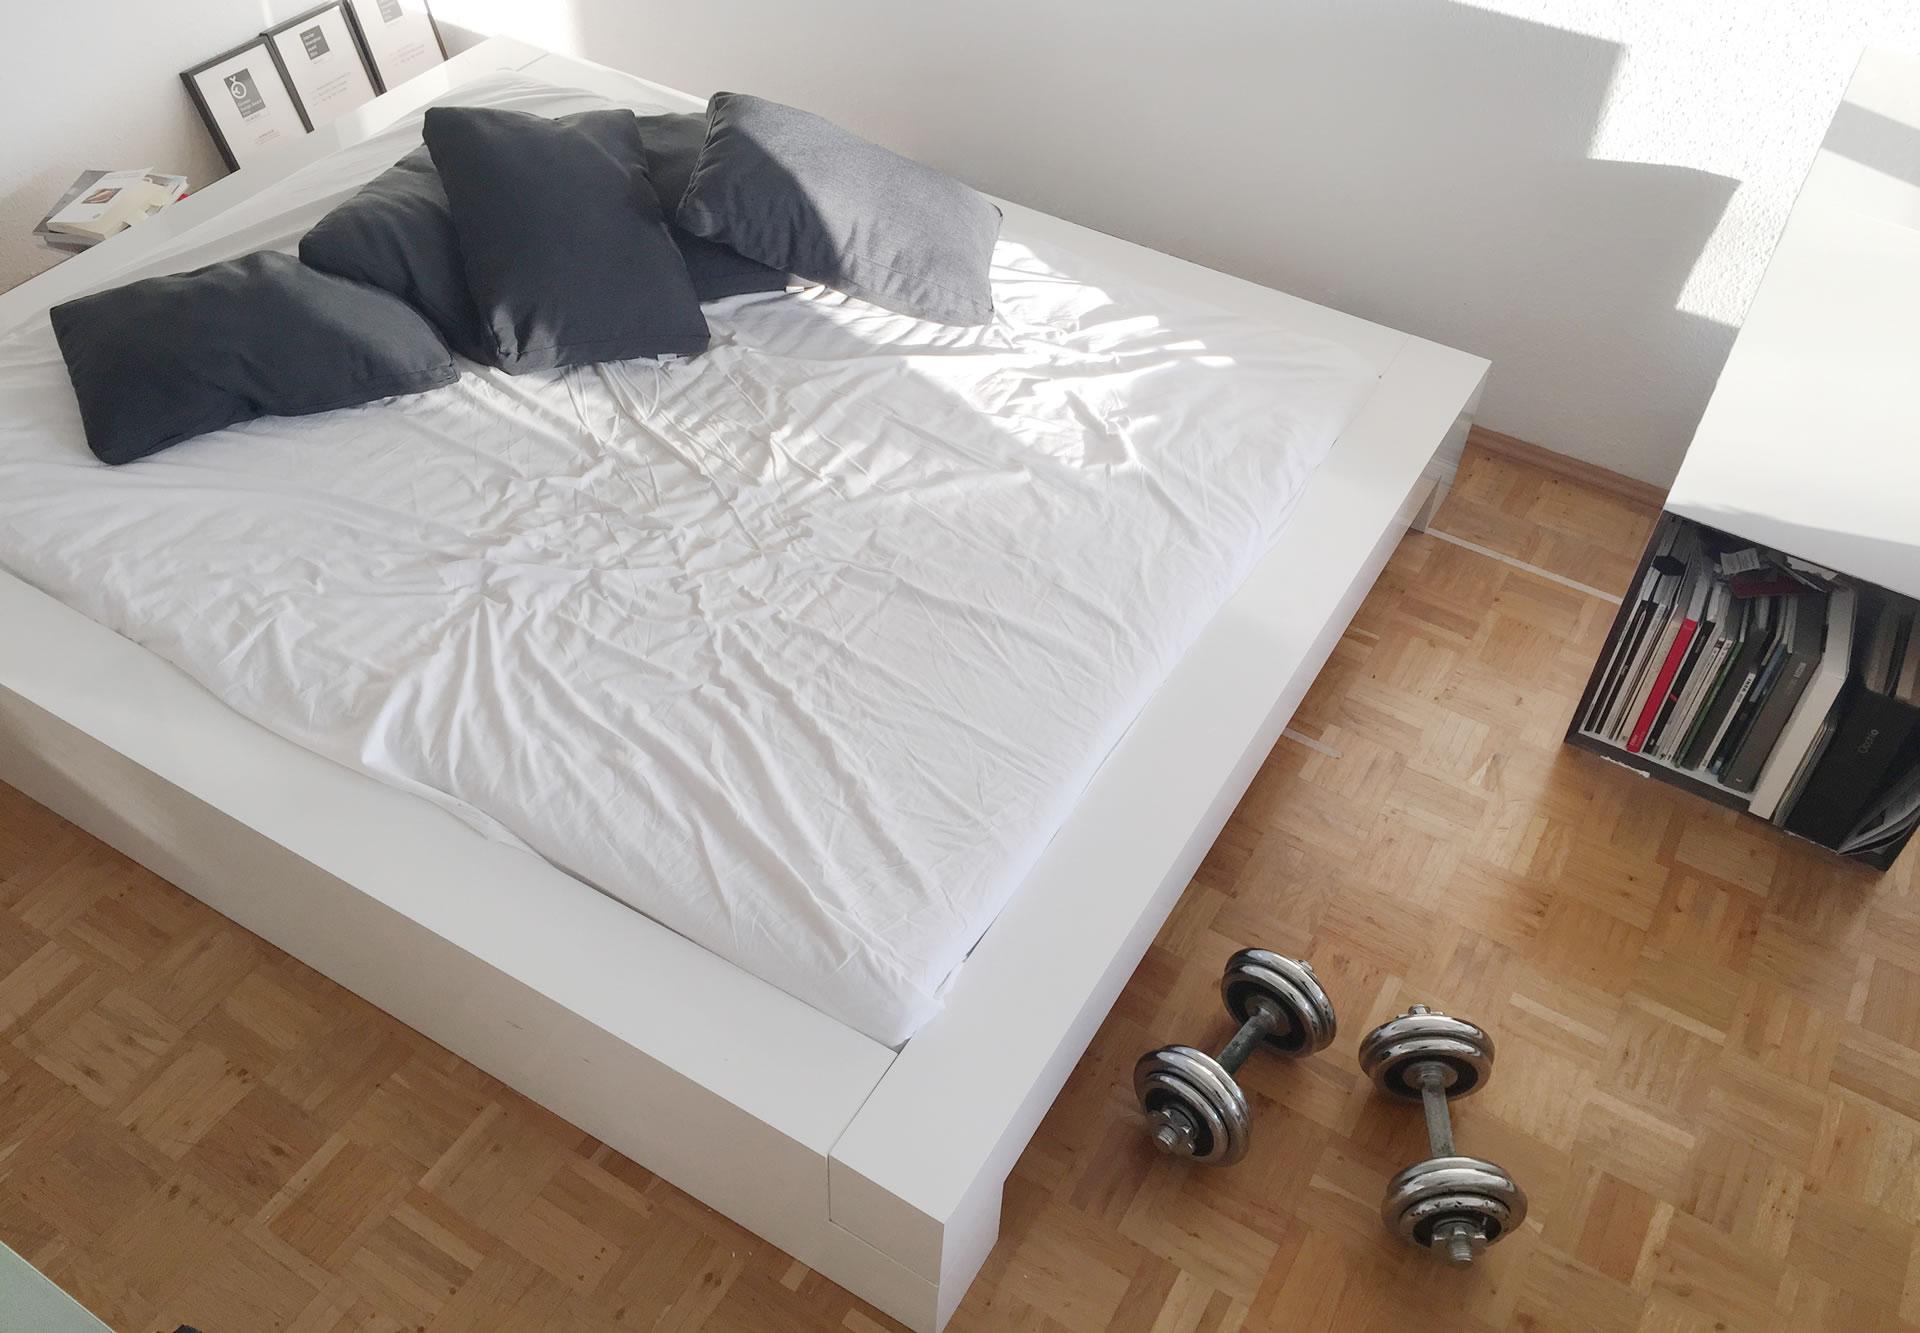 Full Size of Weißes Bett 160x200 Somnium Minimalistisches Design Von Mit Stauraum Hohe Betten Rückenlehne Im Schrank Komplett Graues Kleinkind 90x200 Skandinavisch Bett Weißes Bett 160x200